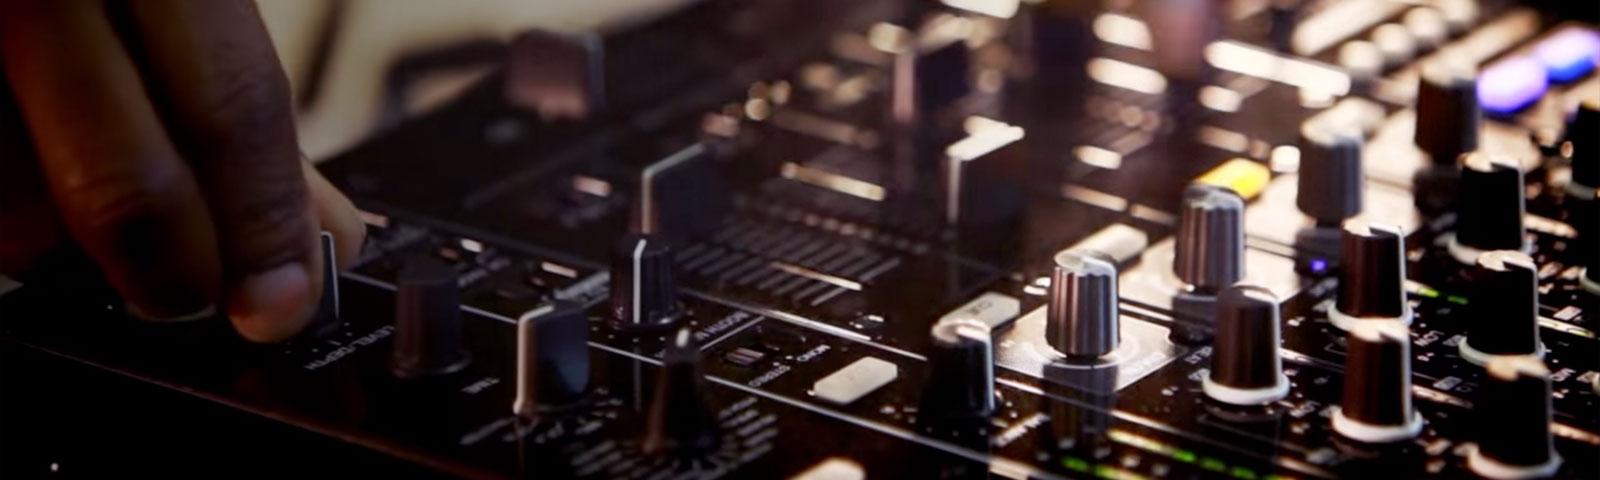 DJM-850 header